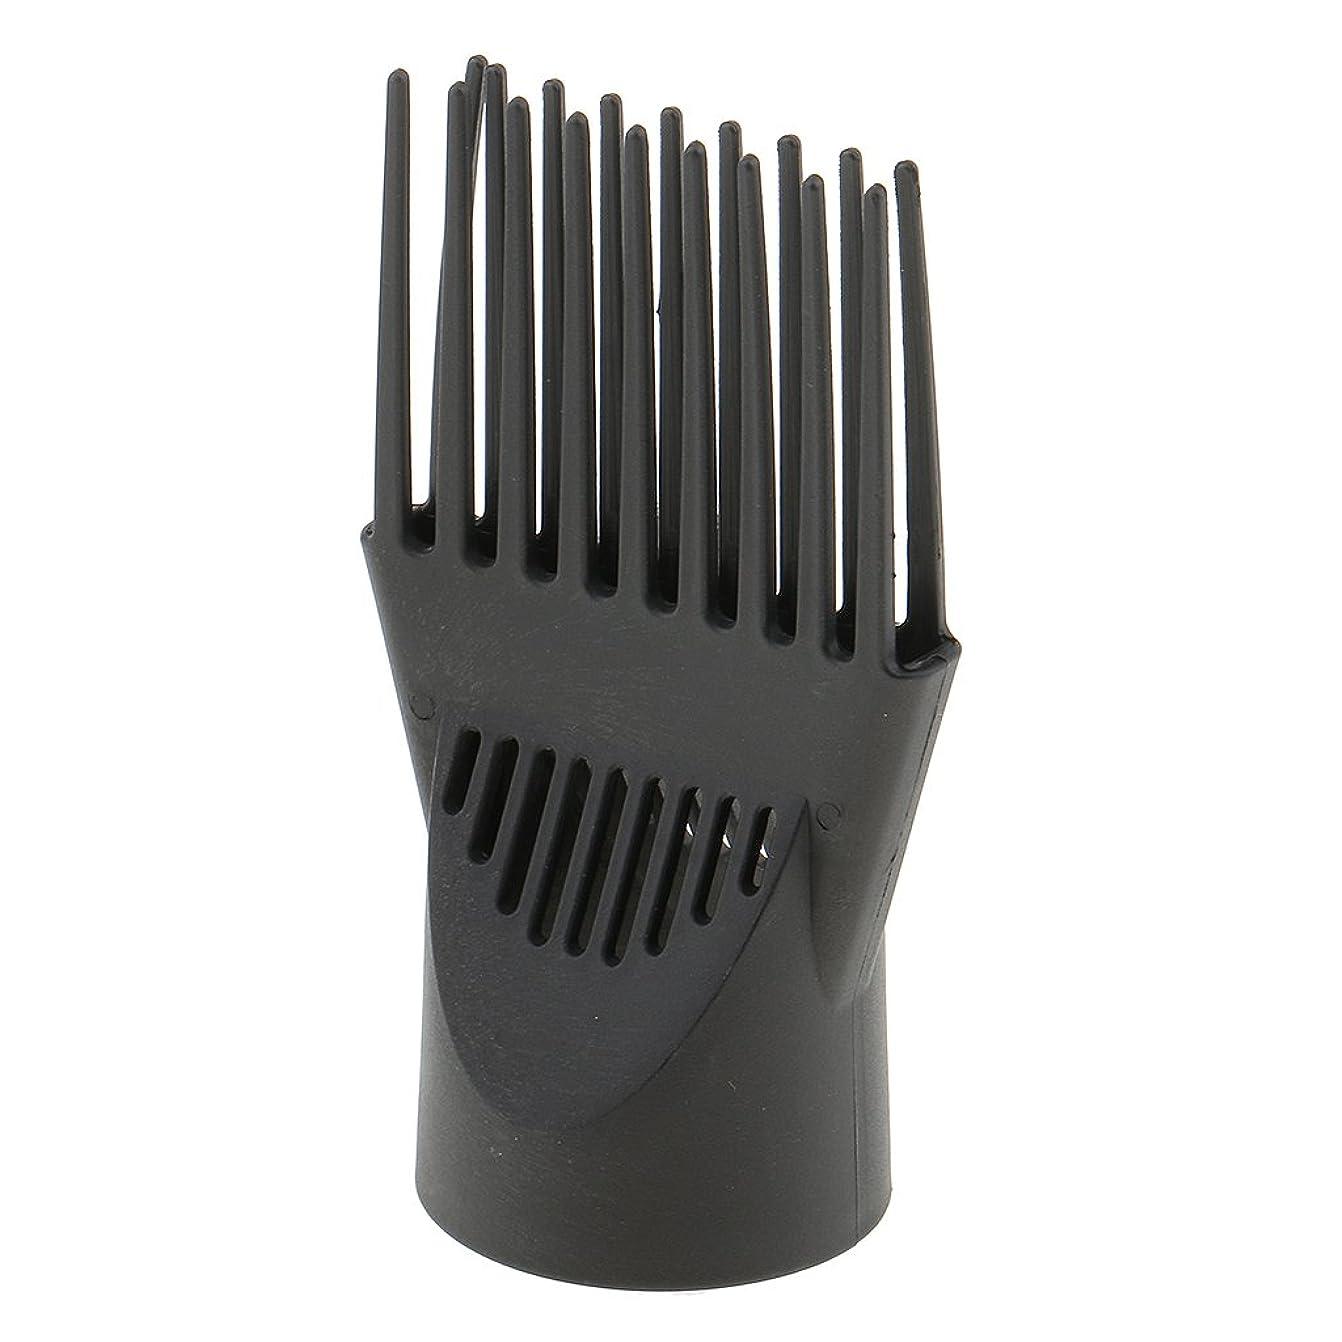 削減病的処分したCUTICATE ヘアドライヤーディフューザー 風吹きカバー プラスチック デュアルグリップ ユニバーサル